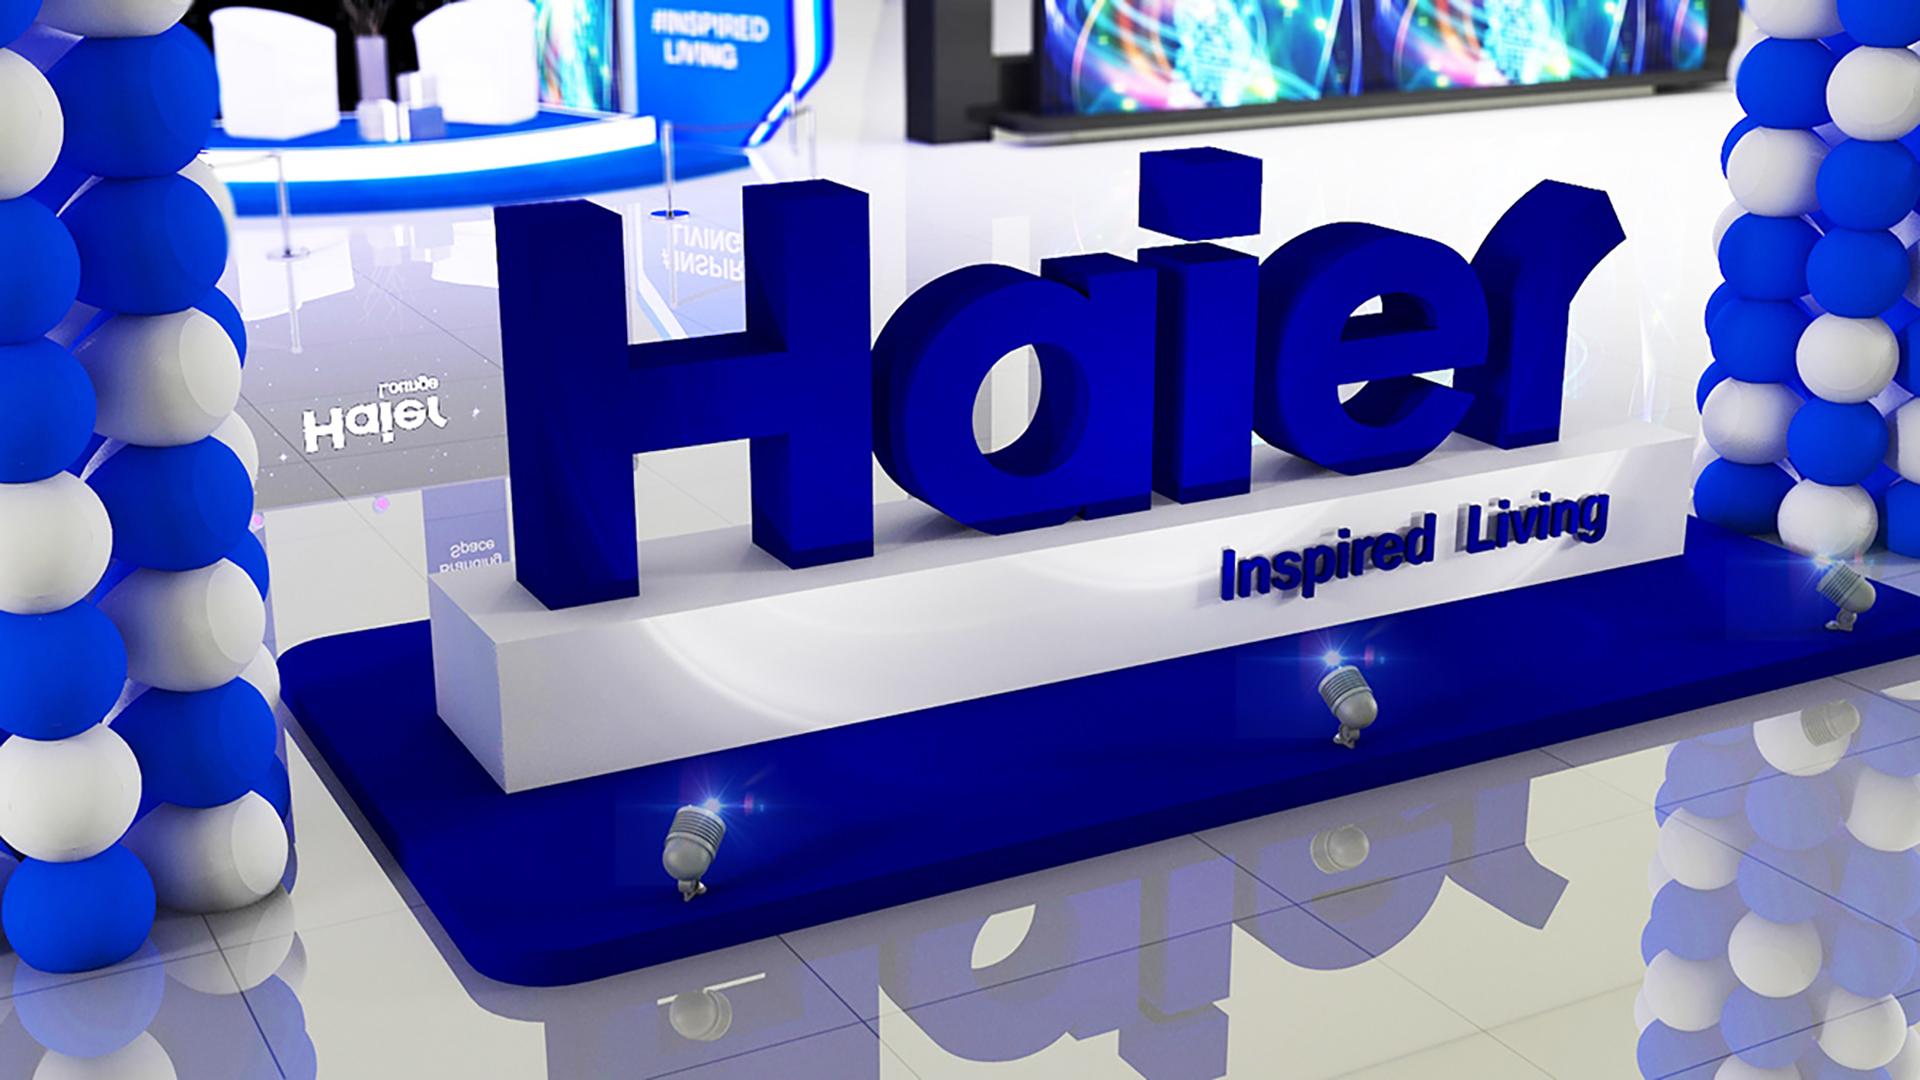 海尔集团品牌口号